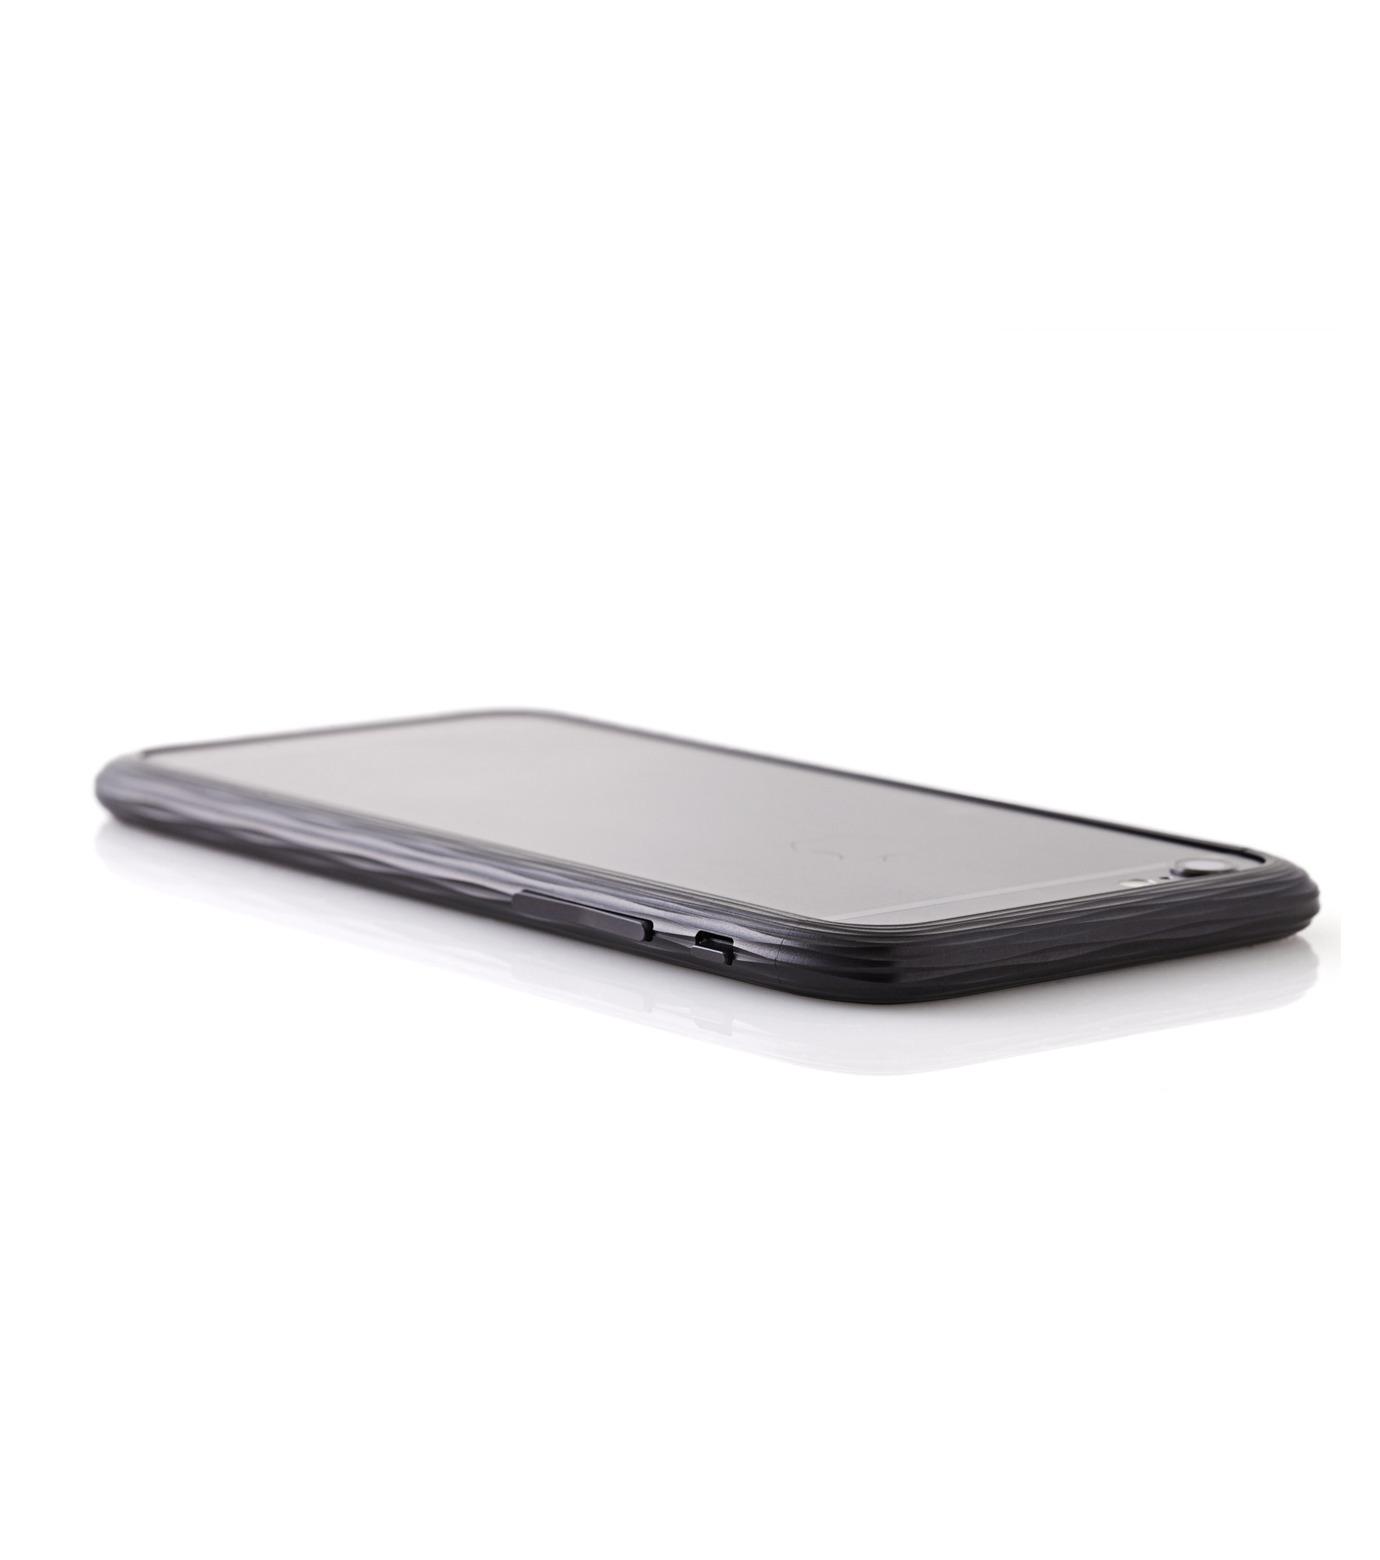 SQUAIR(スクエア)のThe Dimple for iPhone6s plus-BLACK(ケースiphone6plus/6splus/case iphone6plus/6splus)-SQDMP630-BLK-13 拡大詳細画像2